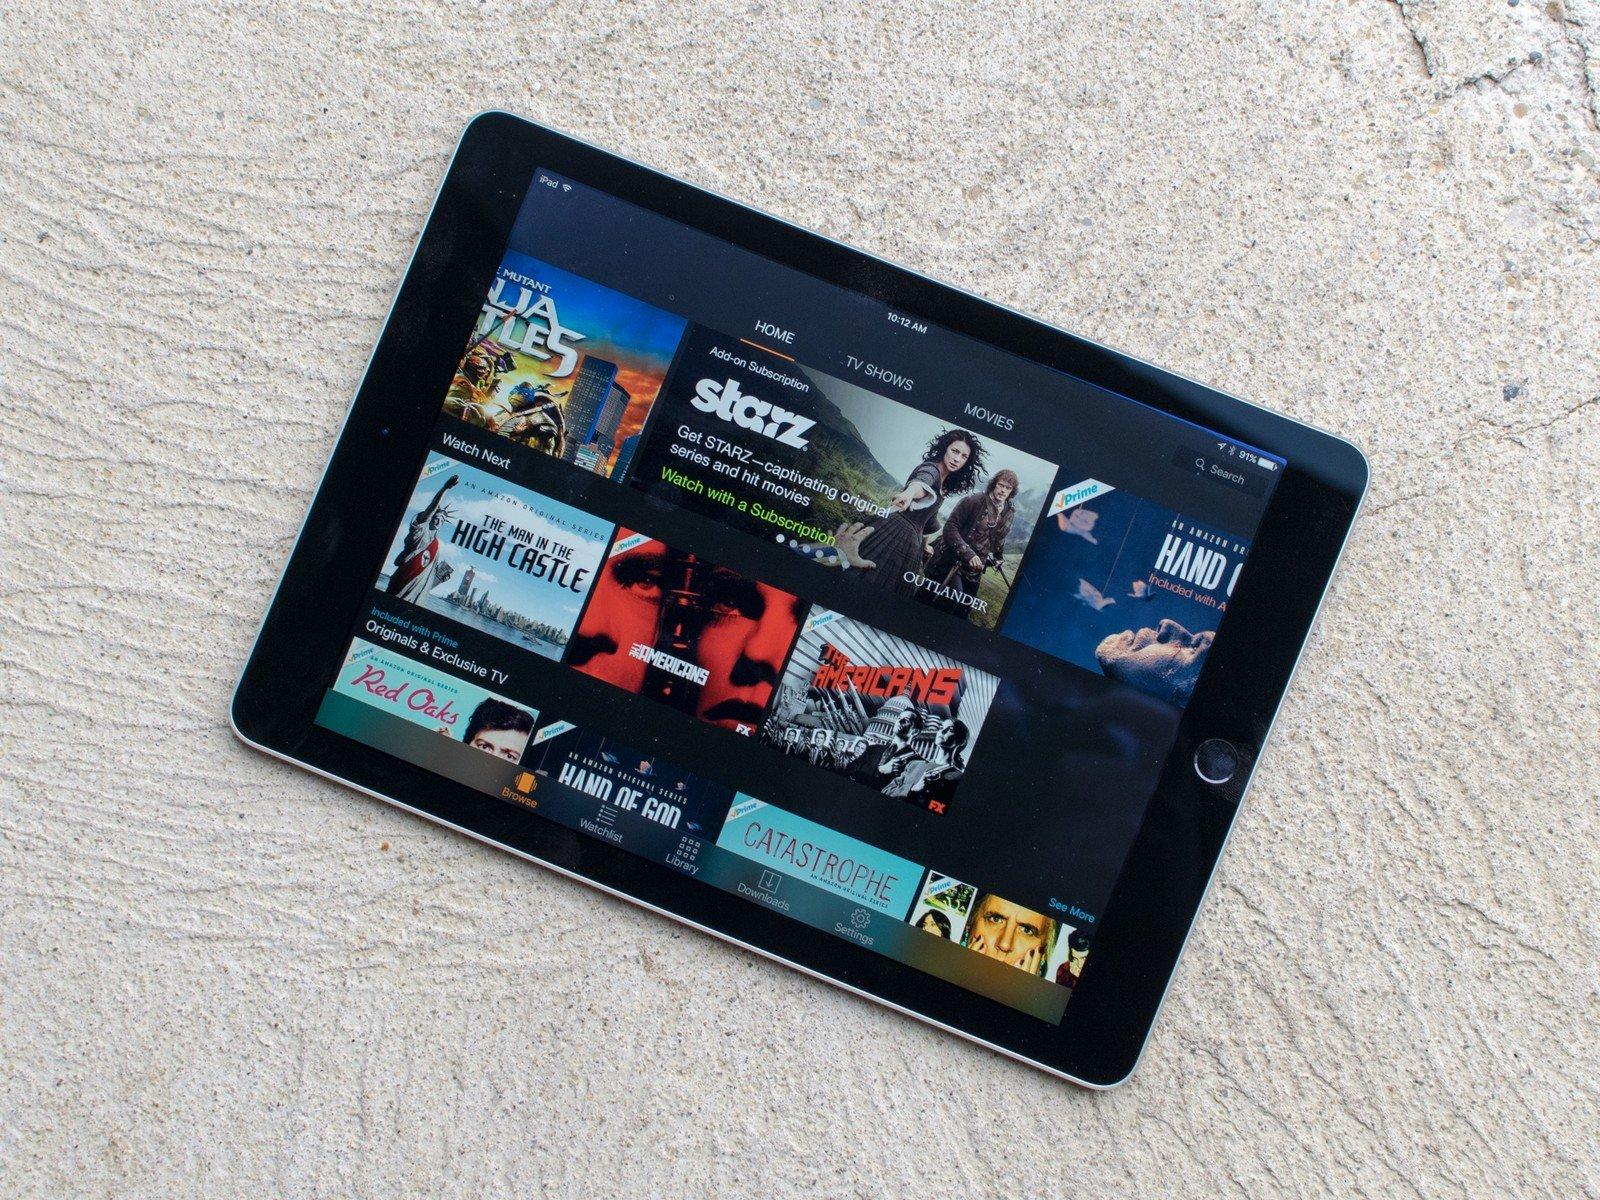 Amazon Prime Video no iPad